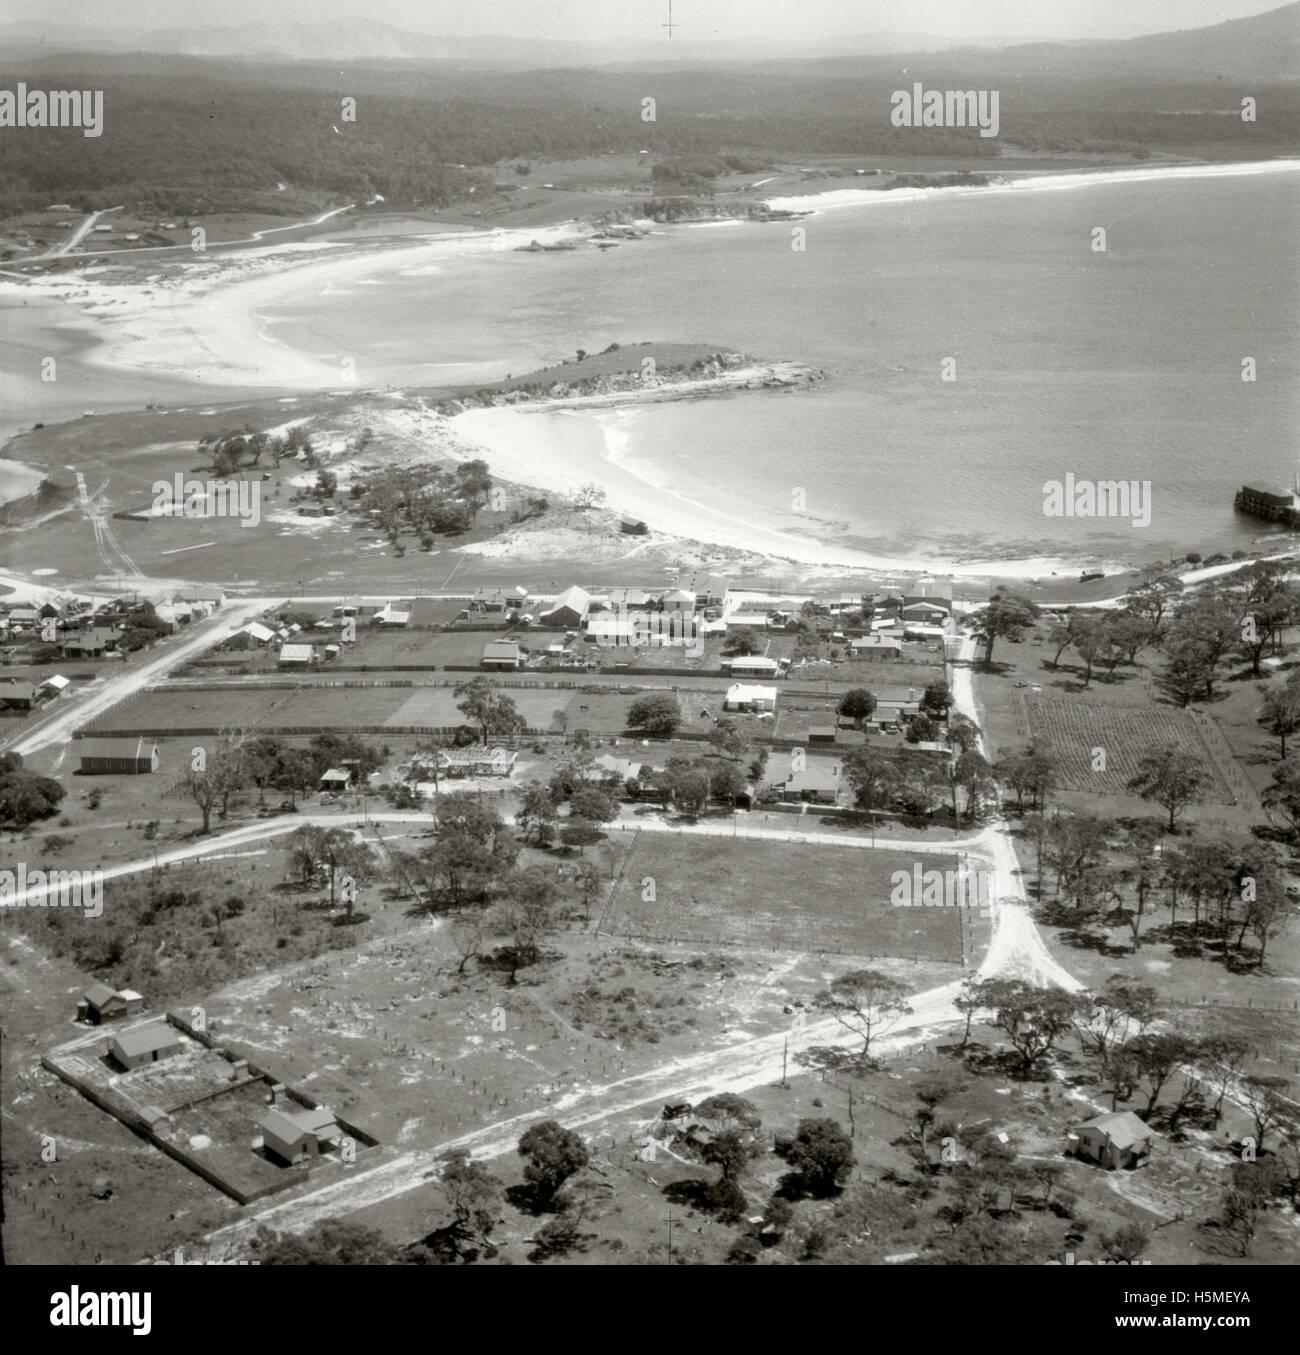 Bermagui looking North - 17 Nov 1937 - Stock Image